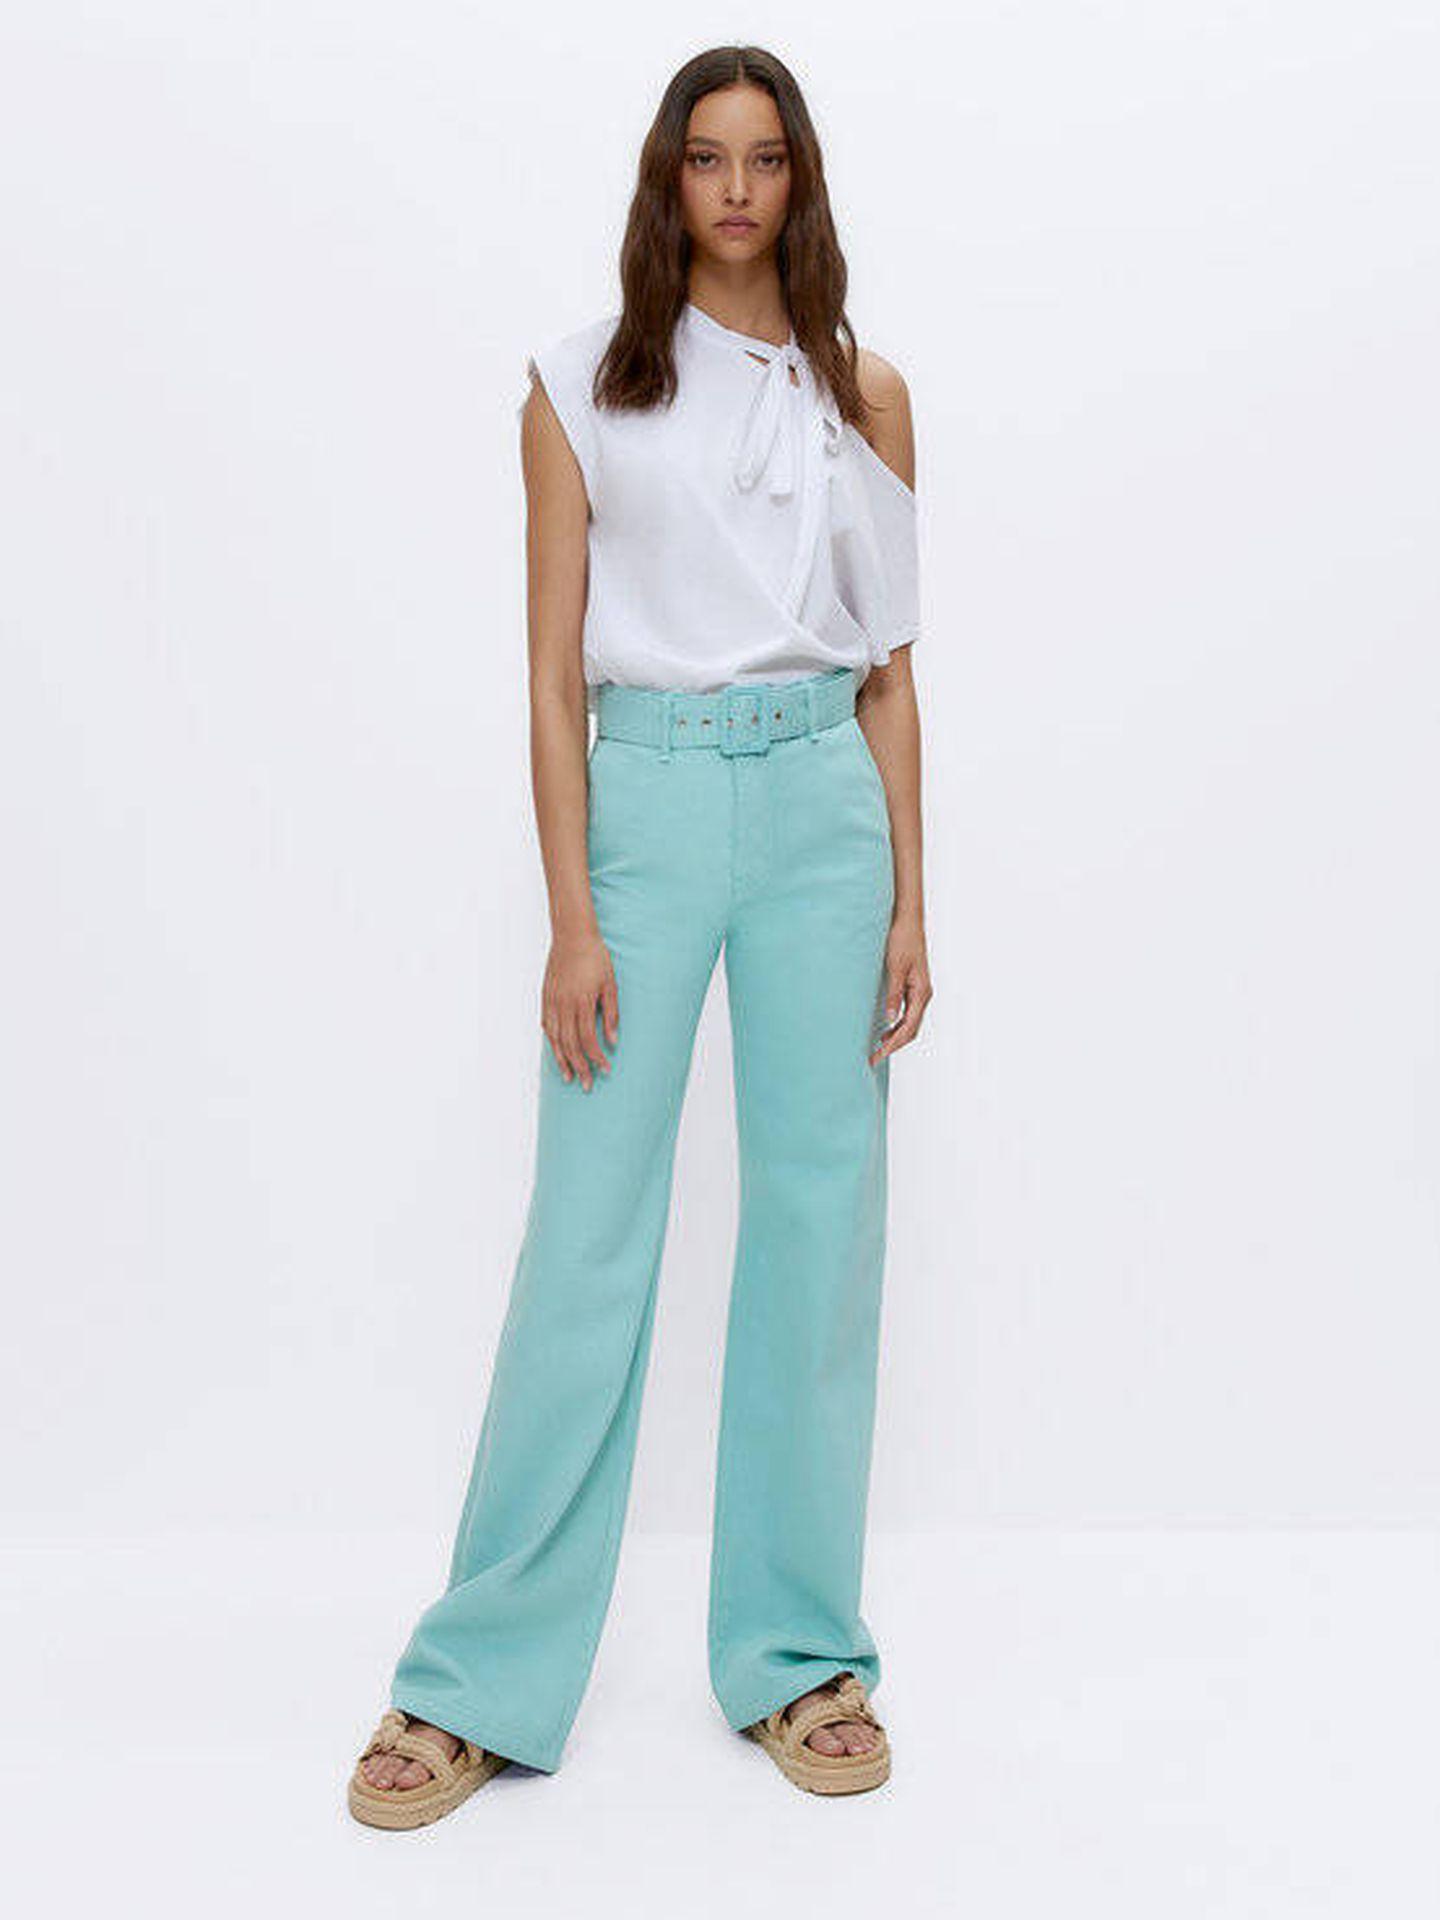 Pantalones de Uterqüe. (Cortesía)